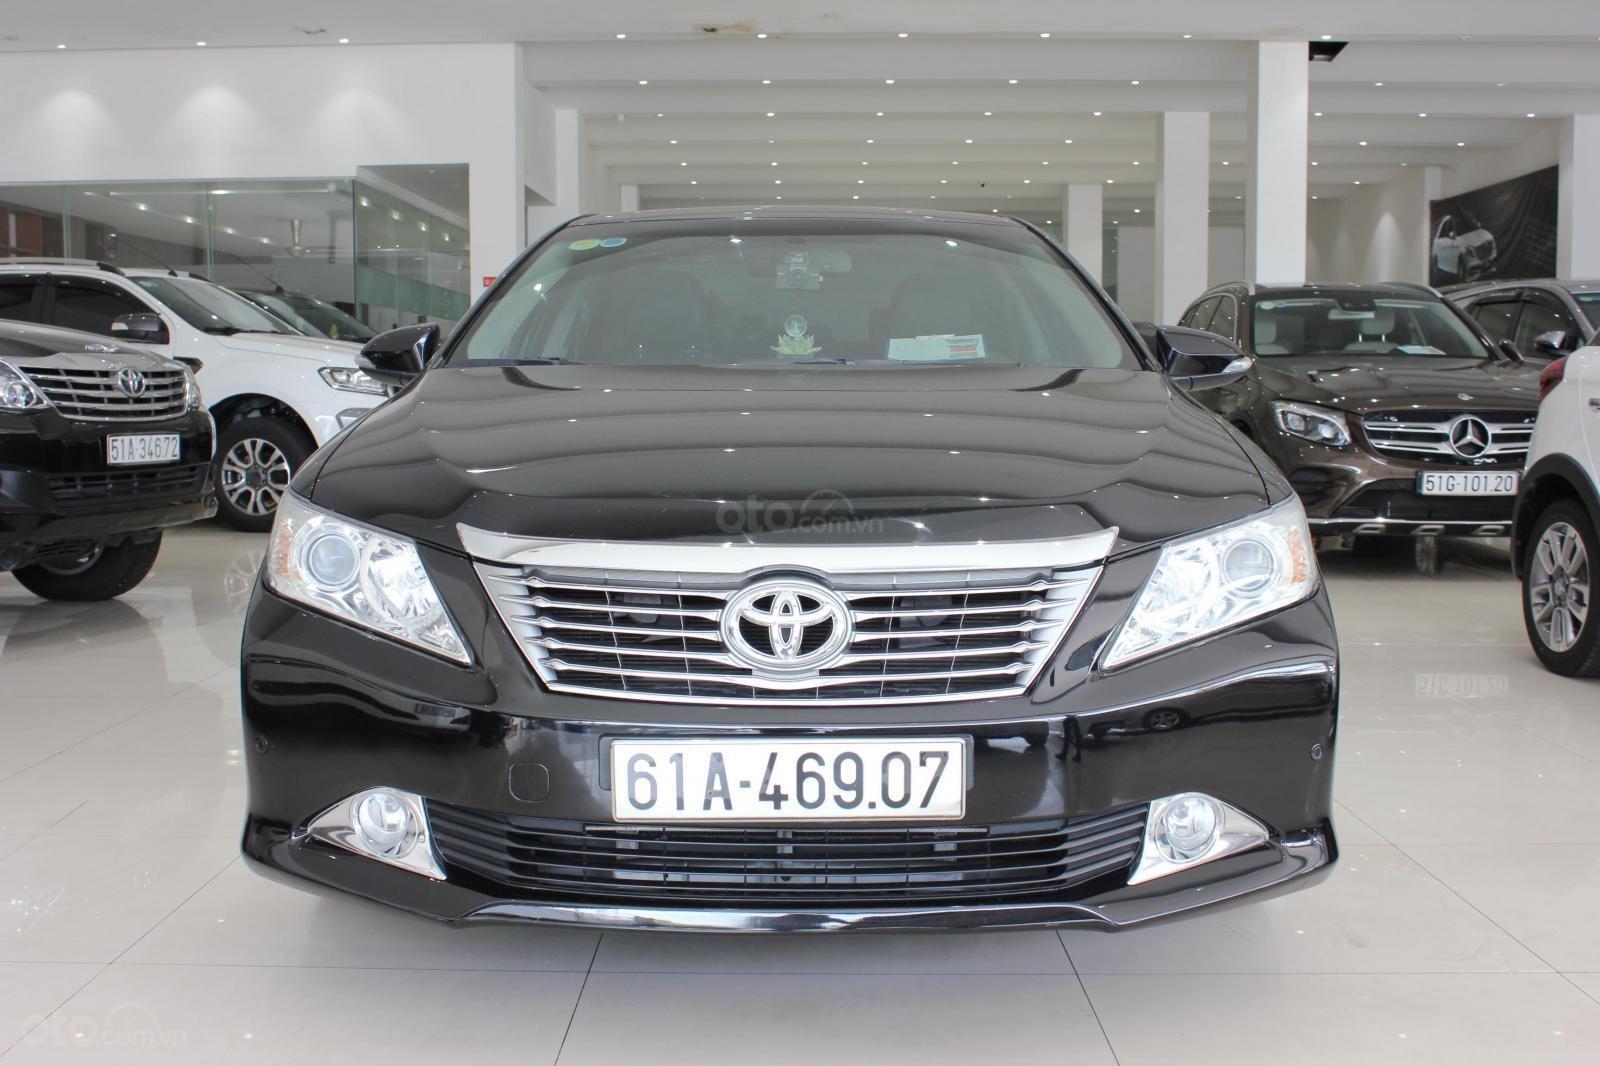 Cần bán Toyota Camry 2.5 Q 2013 bản full, màu đen, giá chỉ 755 triệu (2)